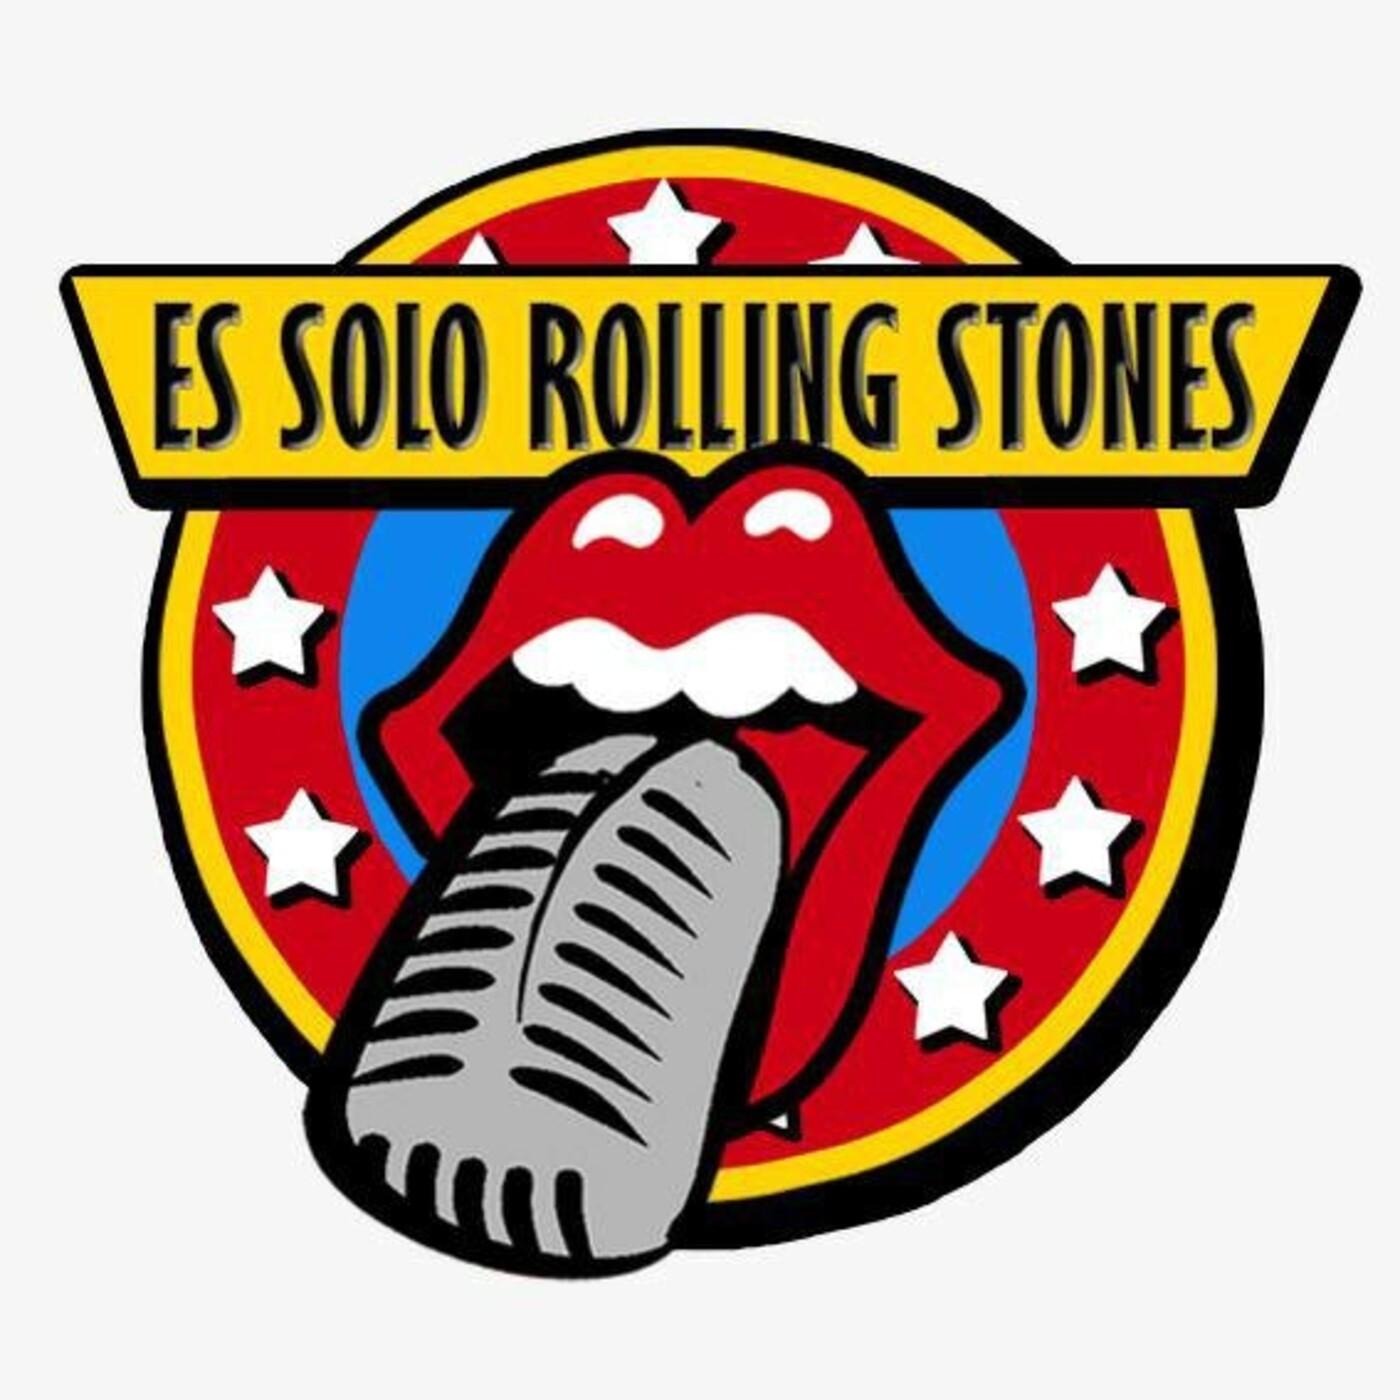 Es solo Rolling Stones